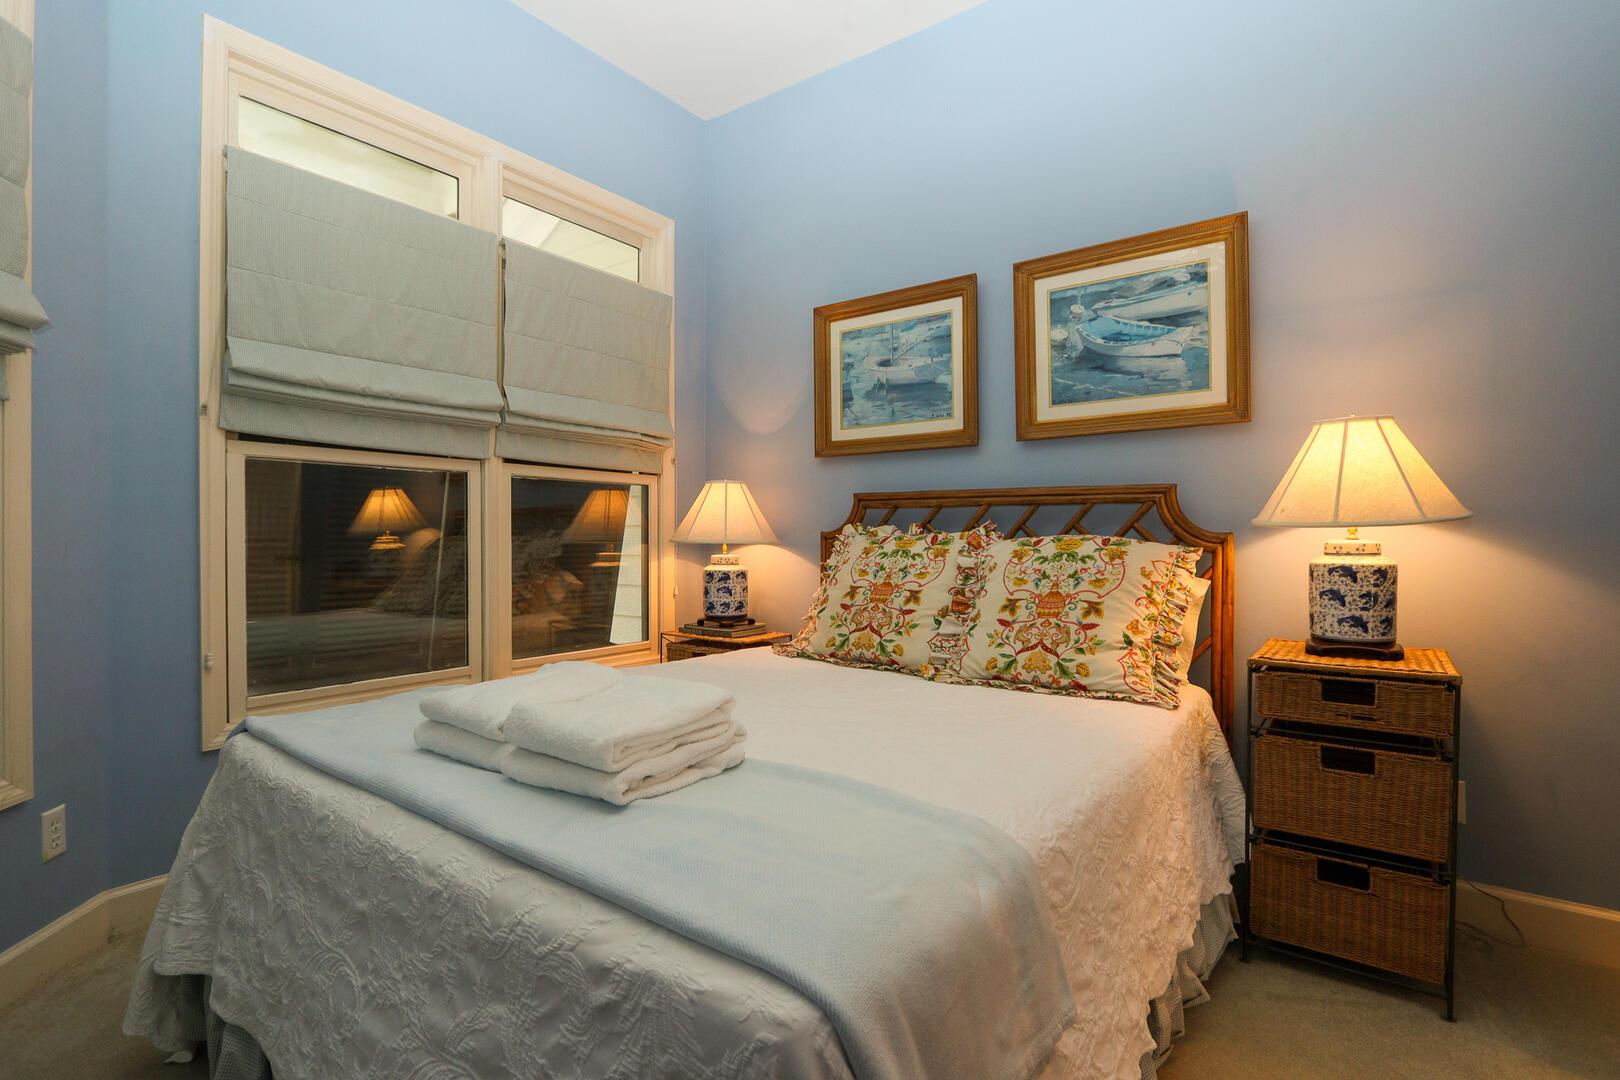 Guest bedroom in main hallway